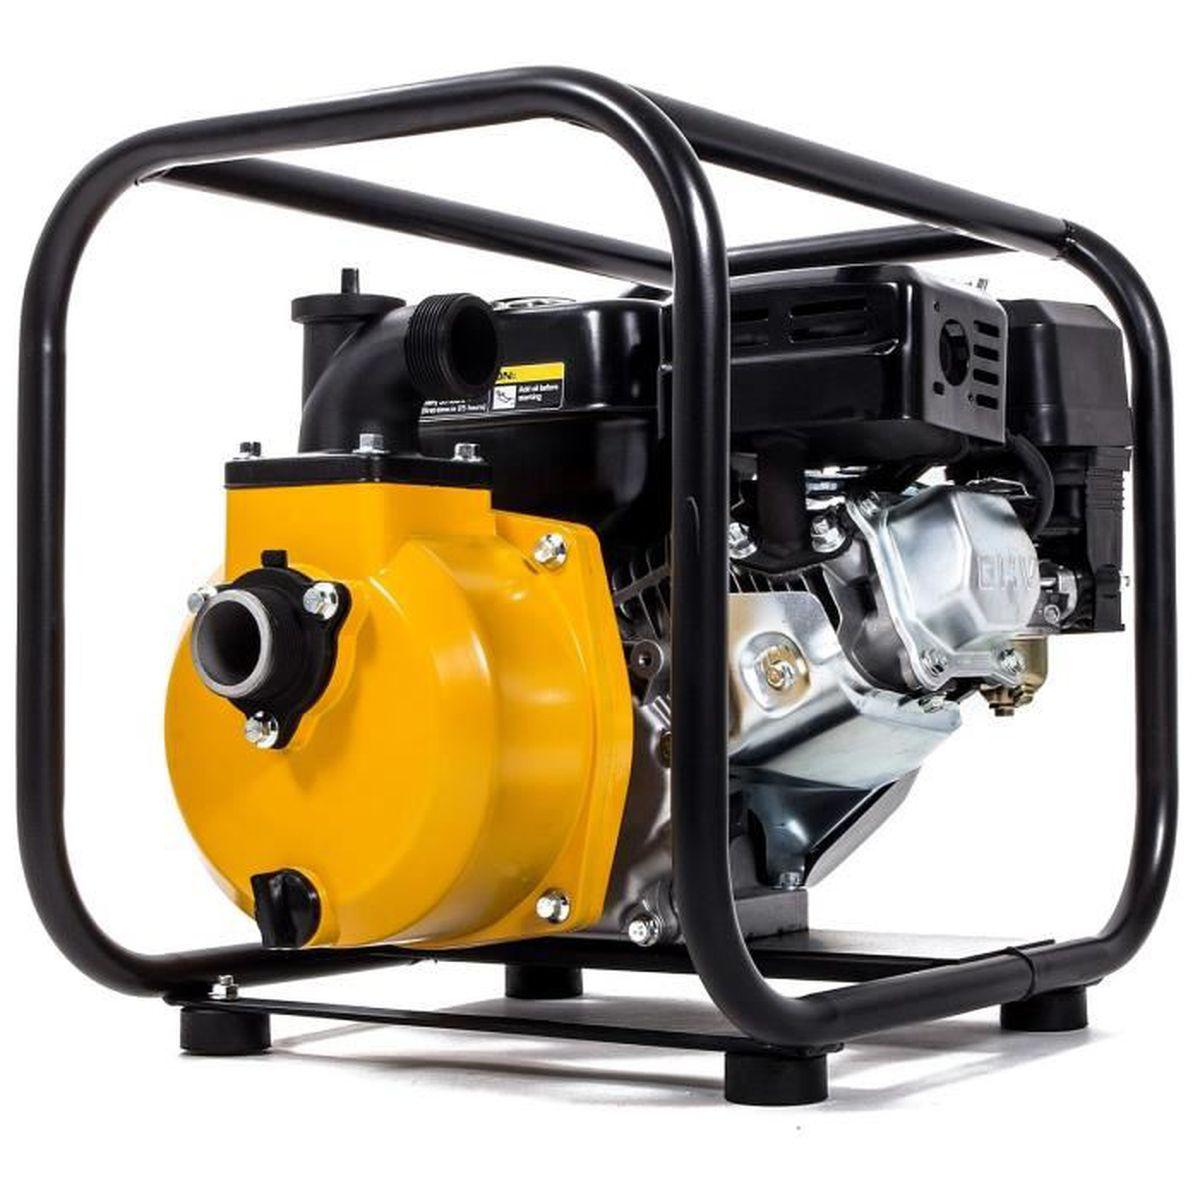 pompe  u00e0 eau moteur ohv de 5 5 cv 163cc greencut